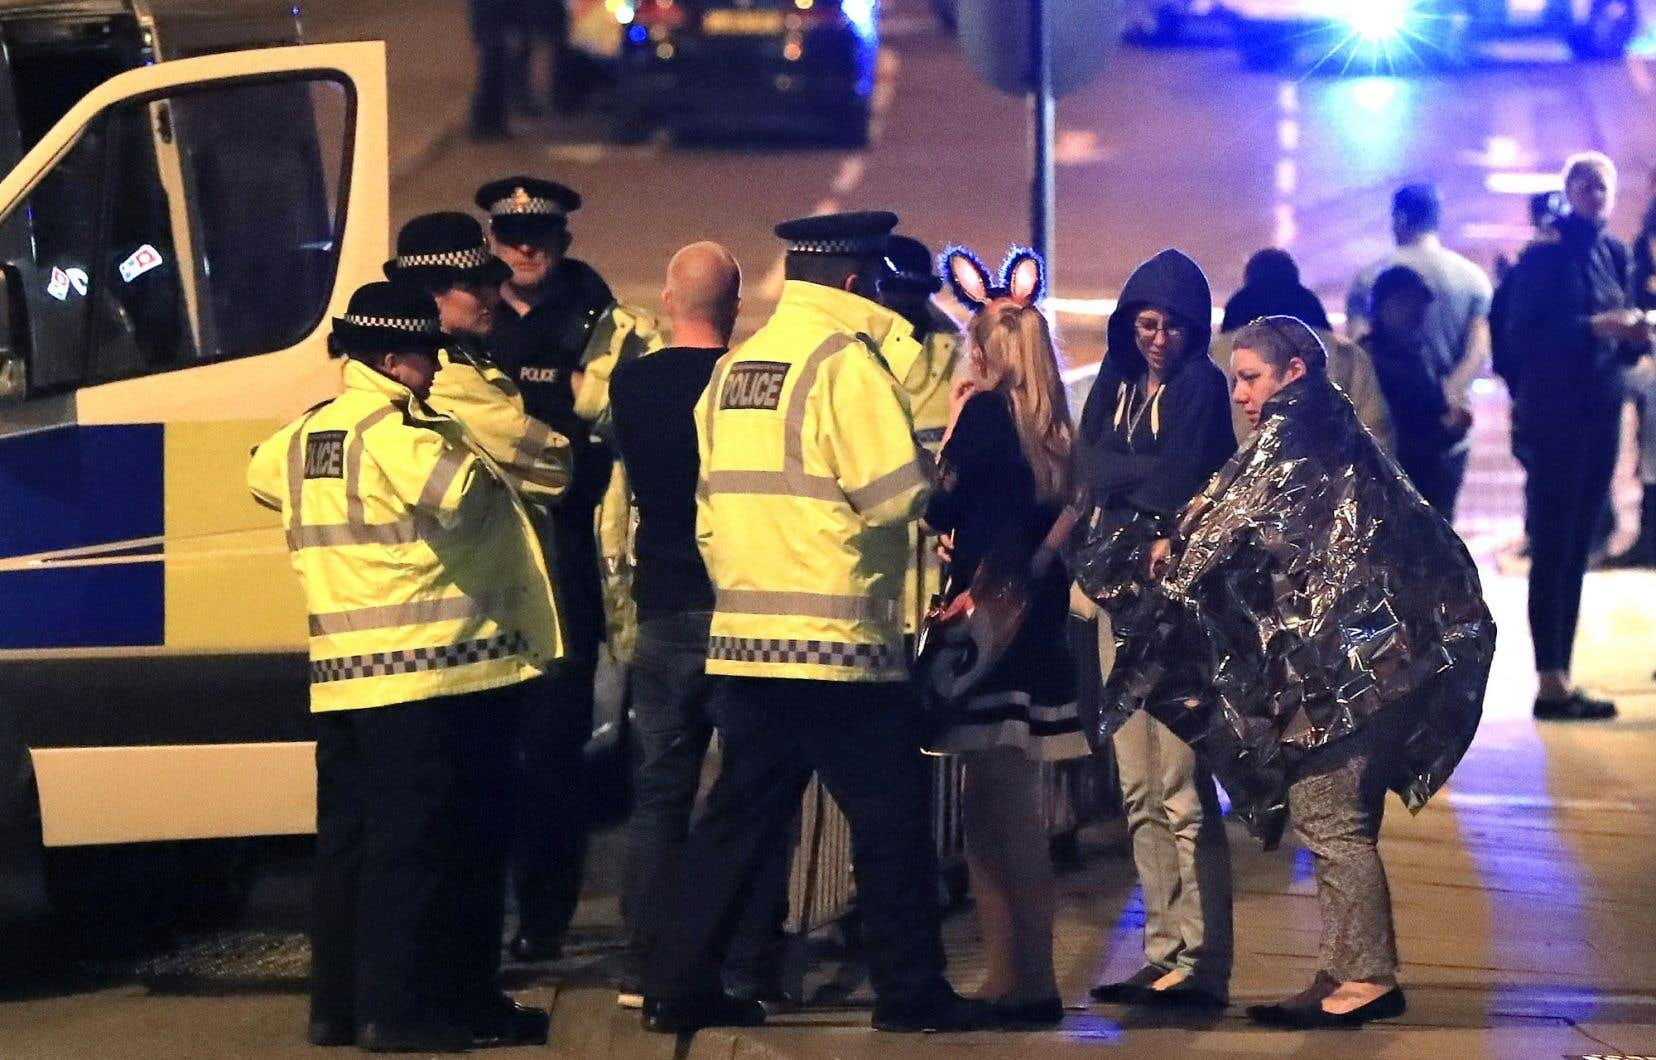 22 personnes ont été tuées et 59 blessées lundi soir dans une salle de concert à Manchester.